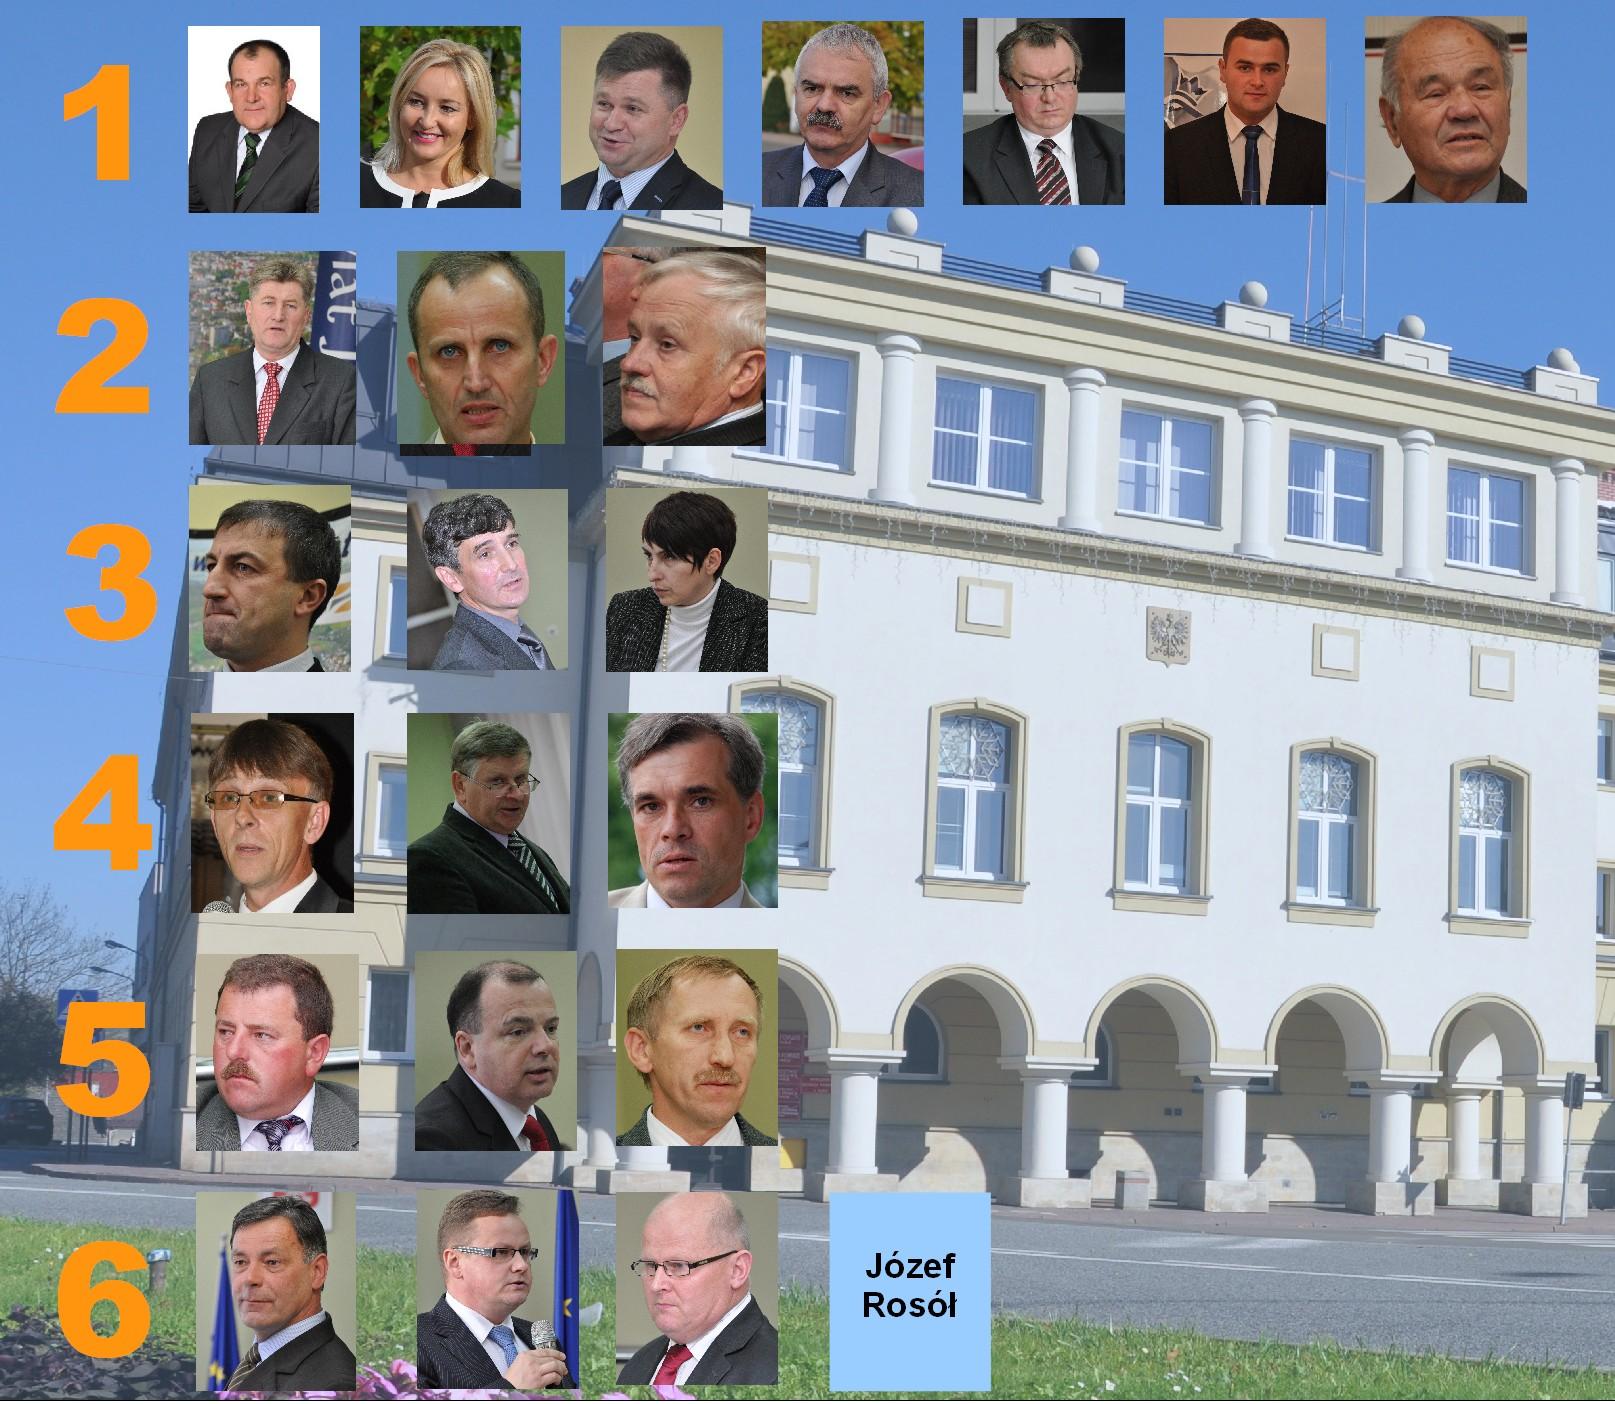 Rada Powiatu - wizerunki